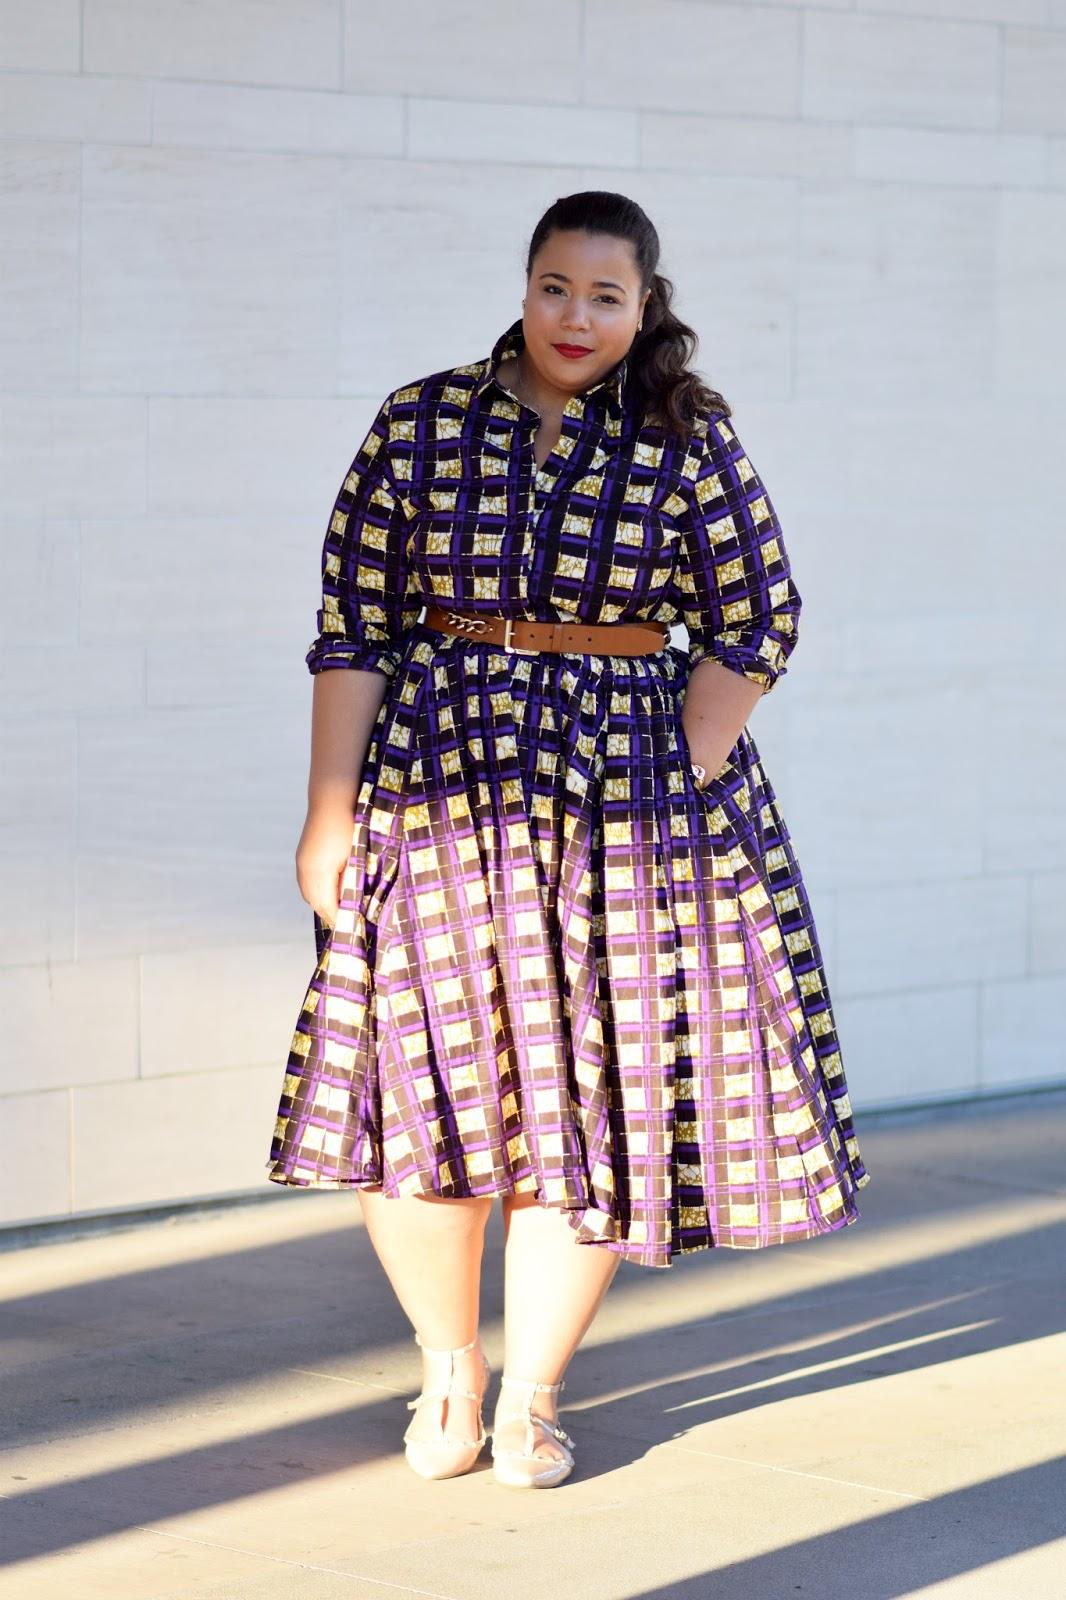 Photo credit: Curvy Blogger @GarnerStyle Find her at www.garnerstyle.com